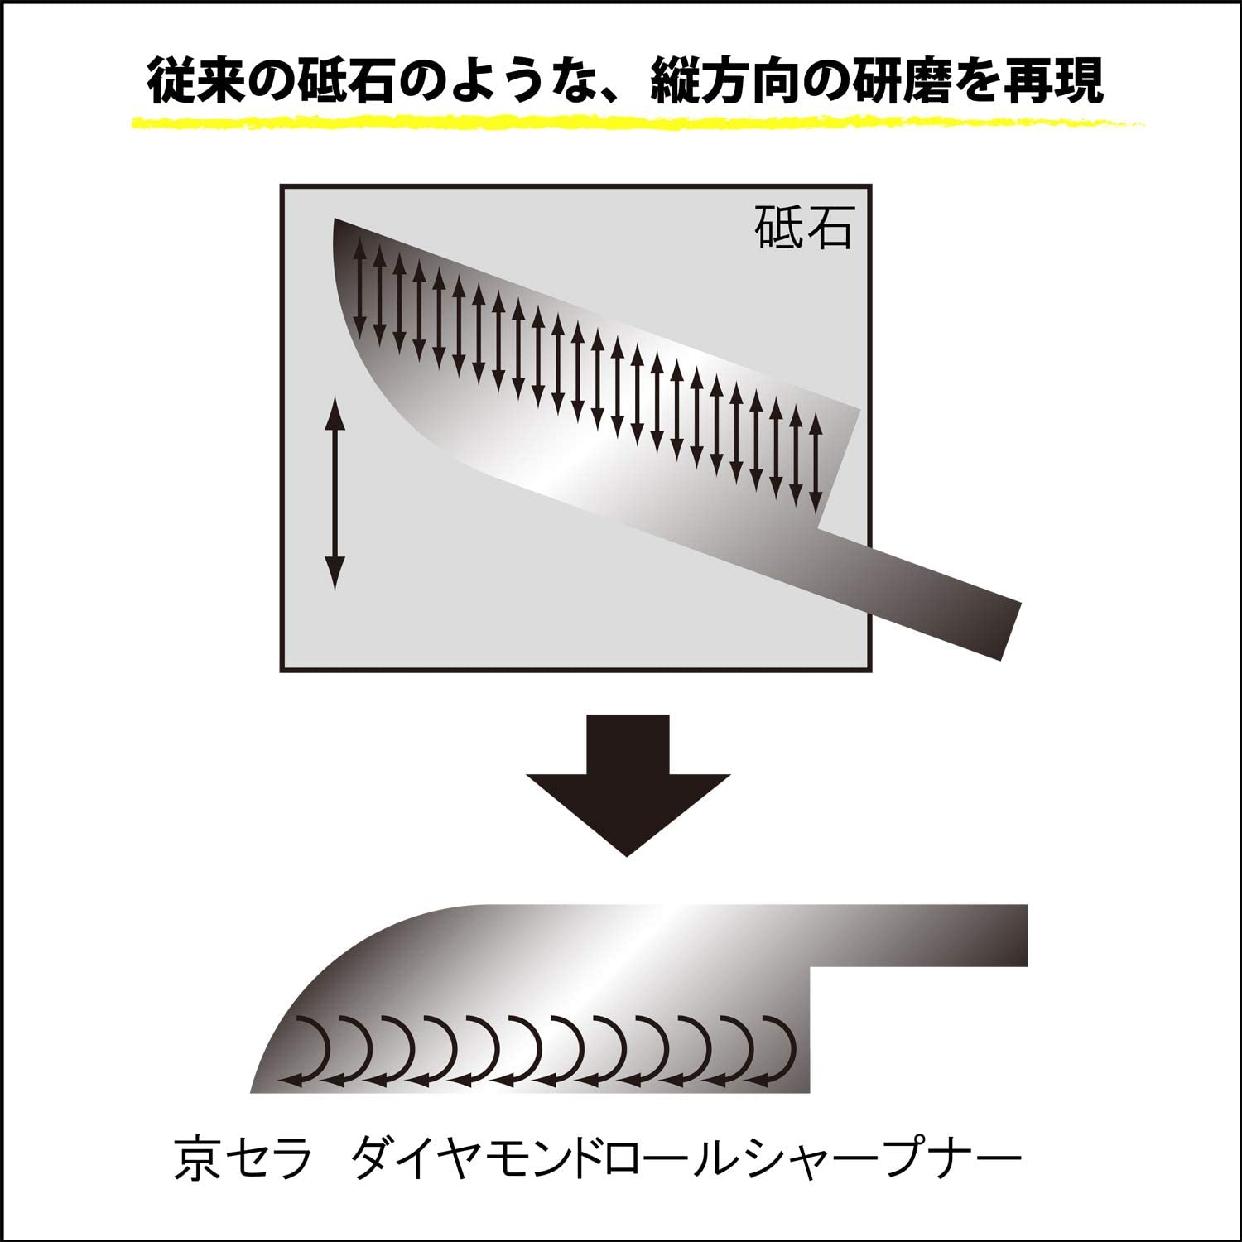 京セラ(KYOCERA) 電動ダイヤモンドシャープナー ブラック DS-38の商品画像5